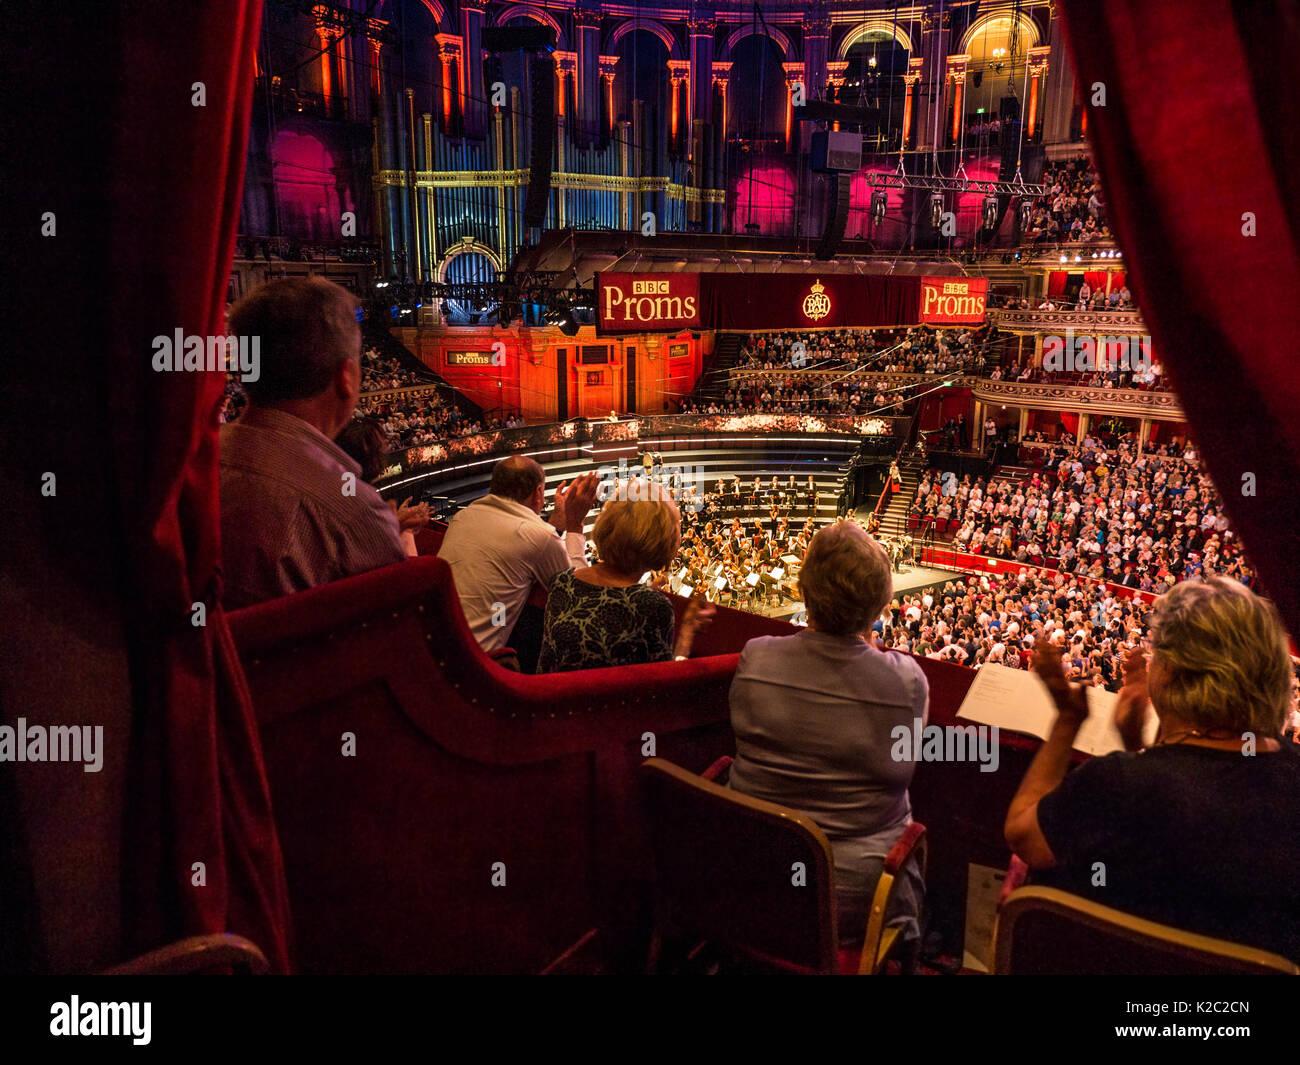 ALBERT HALL INNENRAUM BBC PROMS Performance mit Publikum applaudiert/klatschen erhöhte Ansicht von Luxus rot Velour private, um Publikum und Orchester Bühne Podium hinter Stockbild